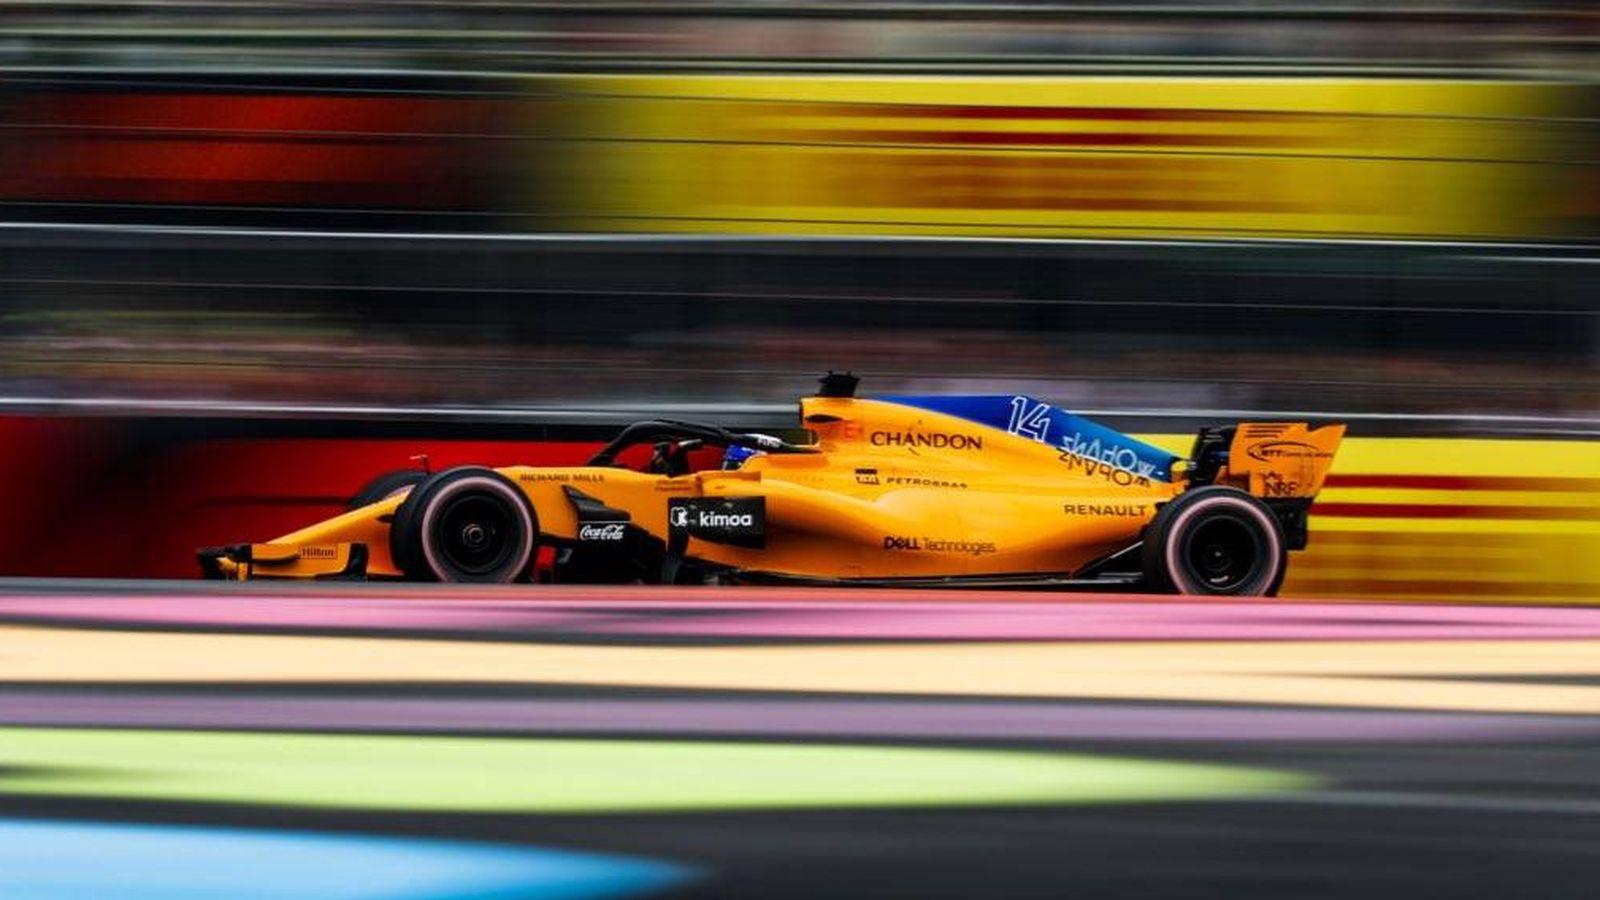 Foto: Alonso logró la mejor clasificación desde Singapur a pesar de no estar satisfecho con su vuelta. (McLaren)